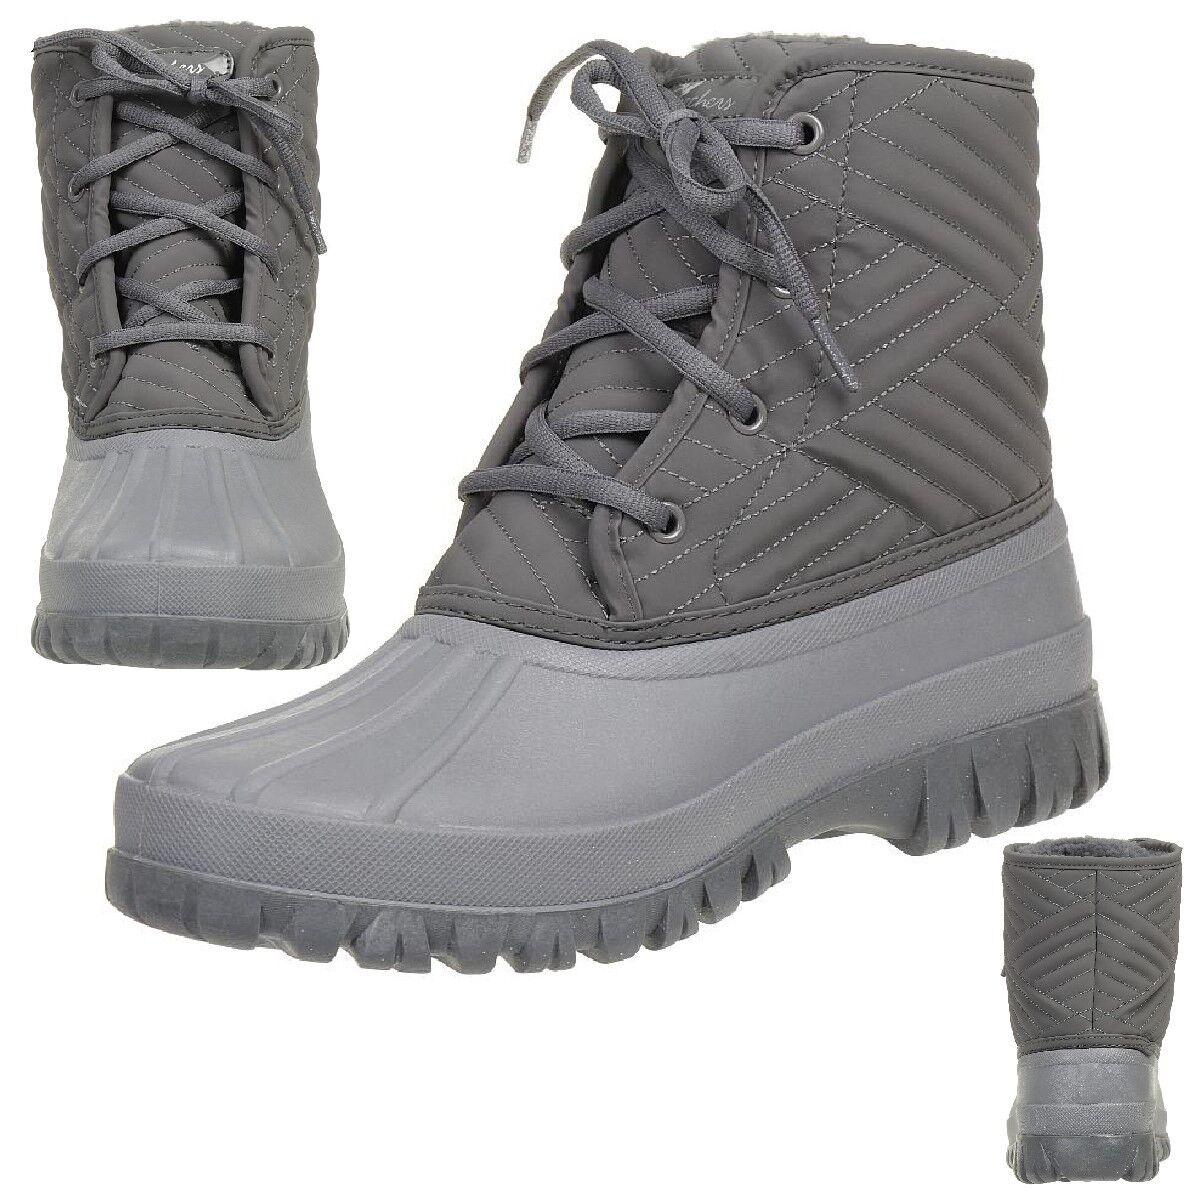 ti renderà soddisfatto Skechers Windom Dry Spell stivali stivali stivali Donna  Winter scarpe Padded grigio Ccl  acquisto limitato